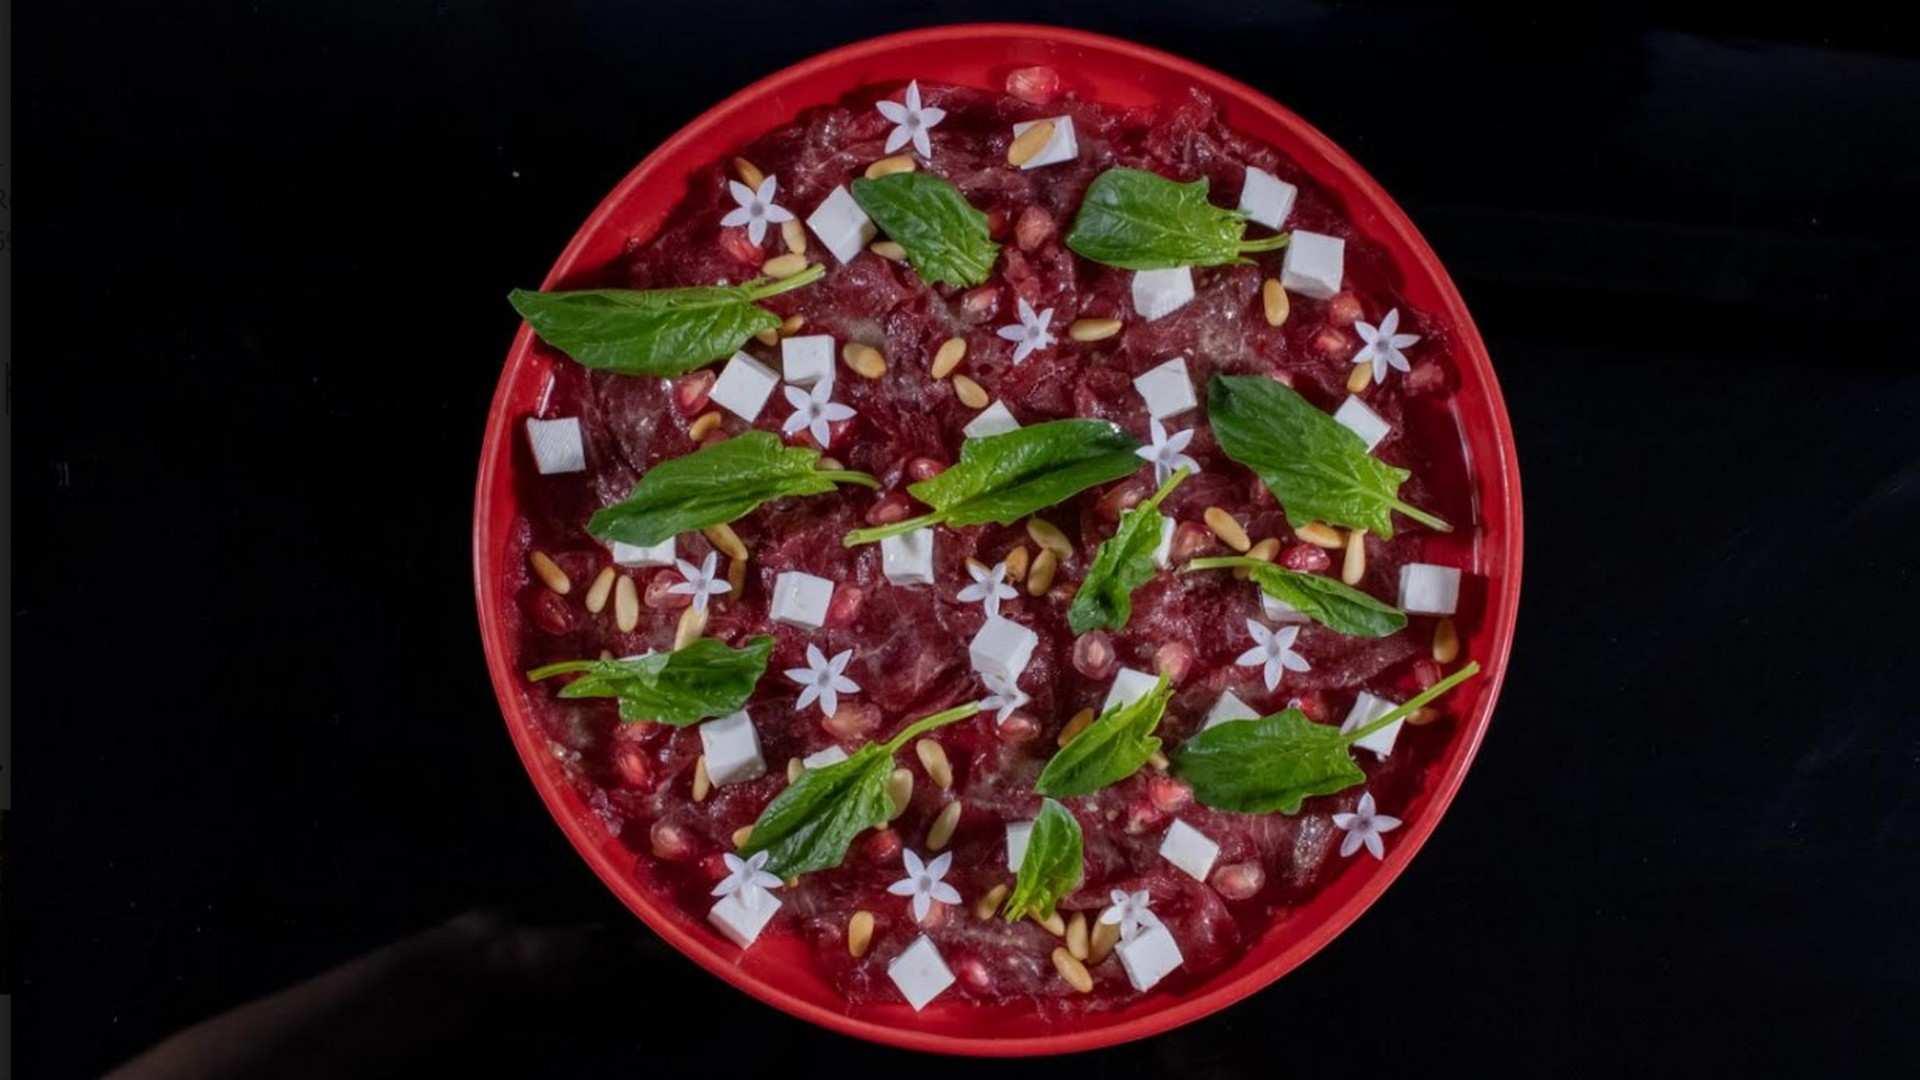 Receta de Carpaccio de ternera con granada y vinagreta de mostaza: especial recetas de Navidad